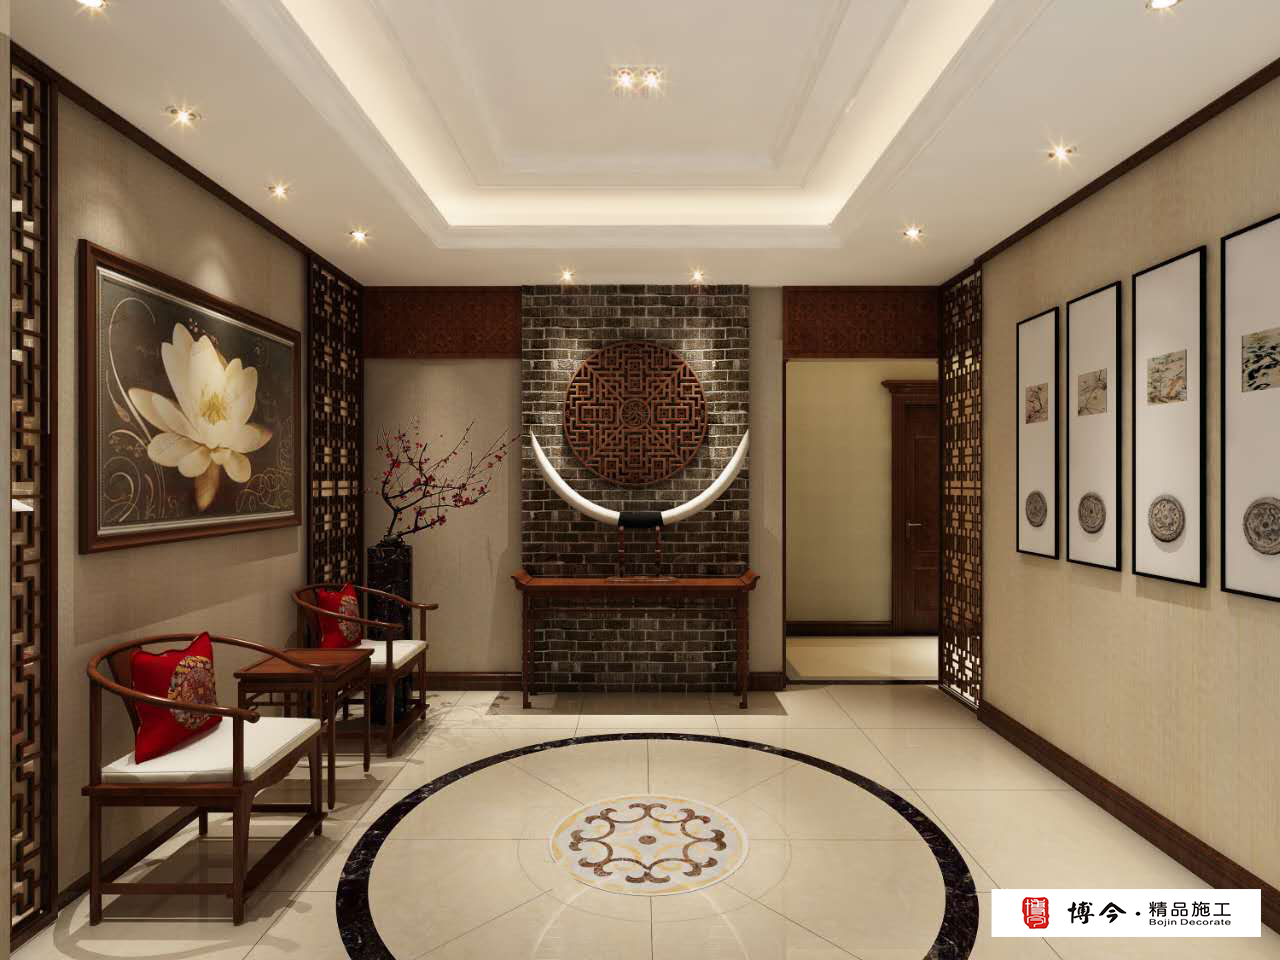 古典中式风格门厅装修效果图